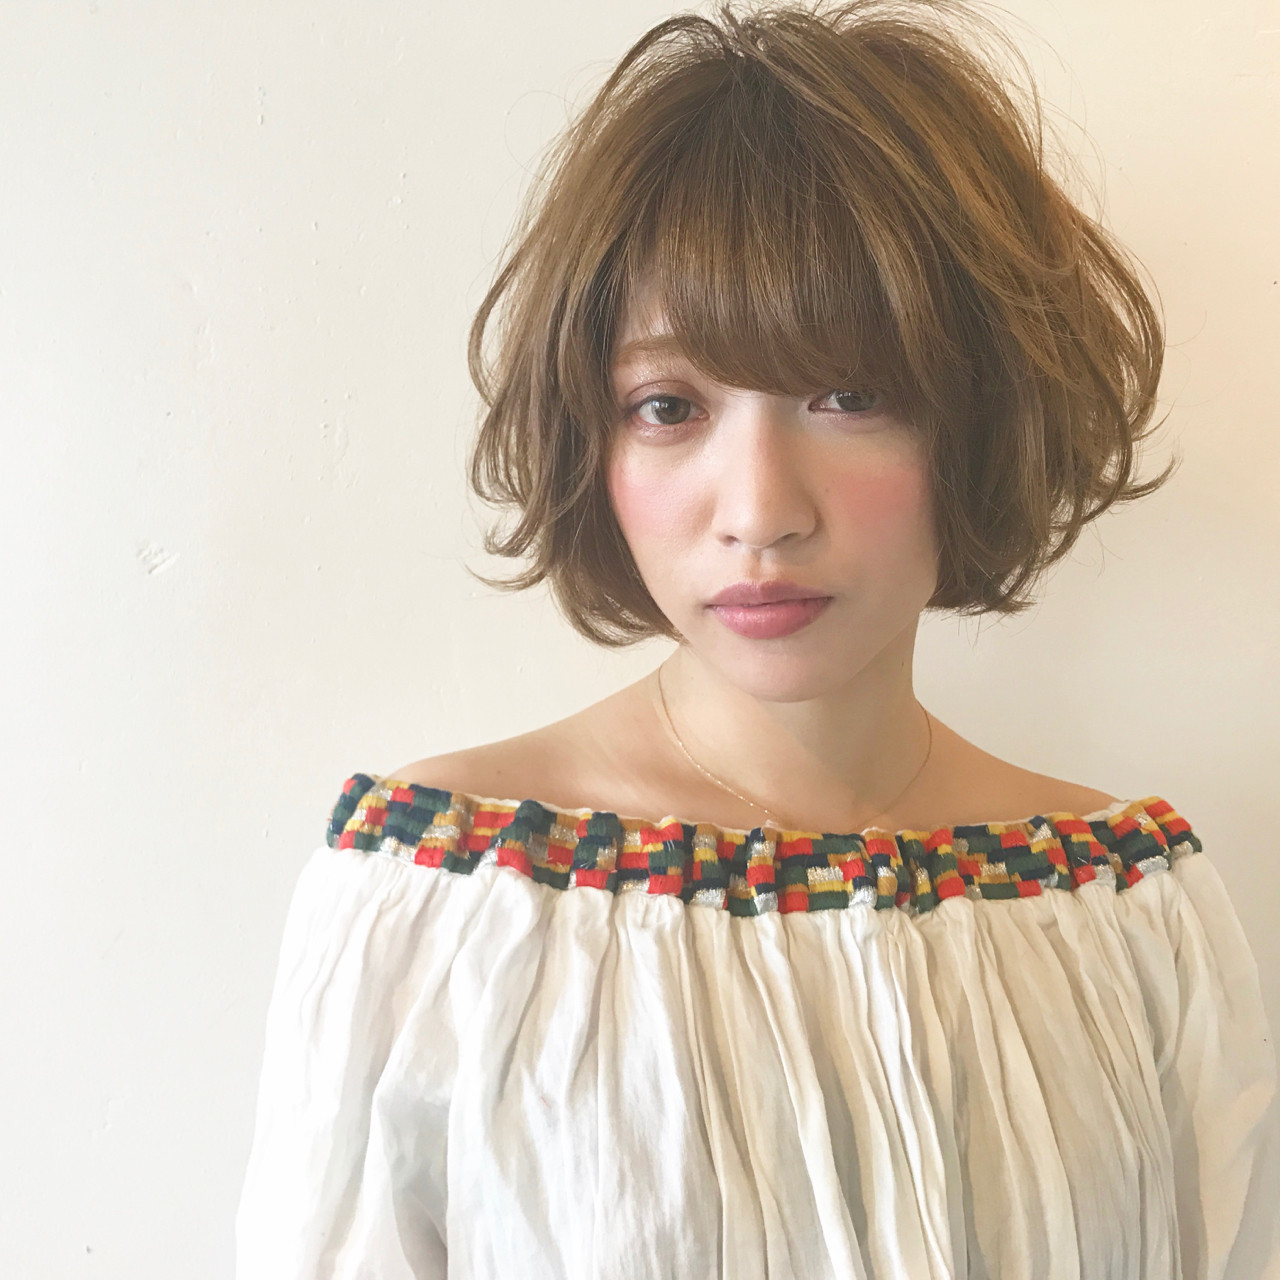 フェミニン ショート ベージュ アッシュベージュ ヘアスタイルや髪型の写真・画像